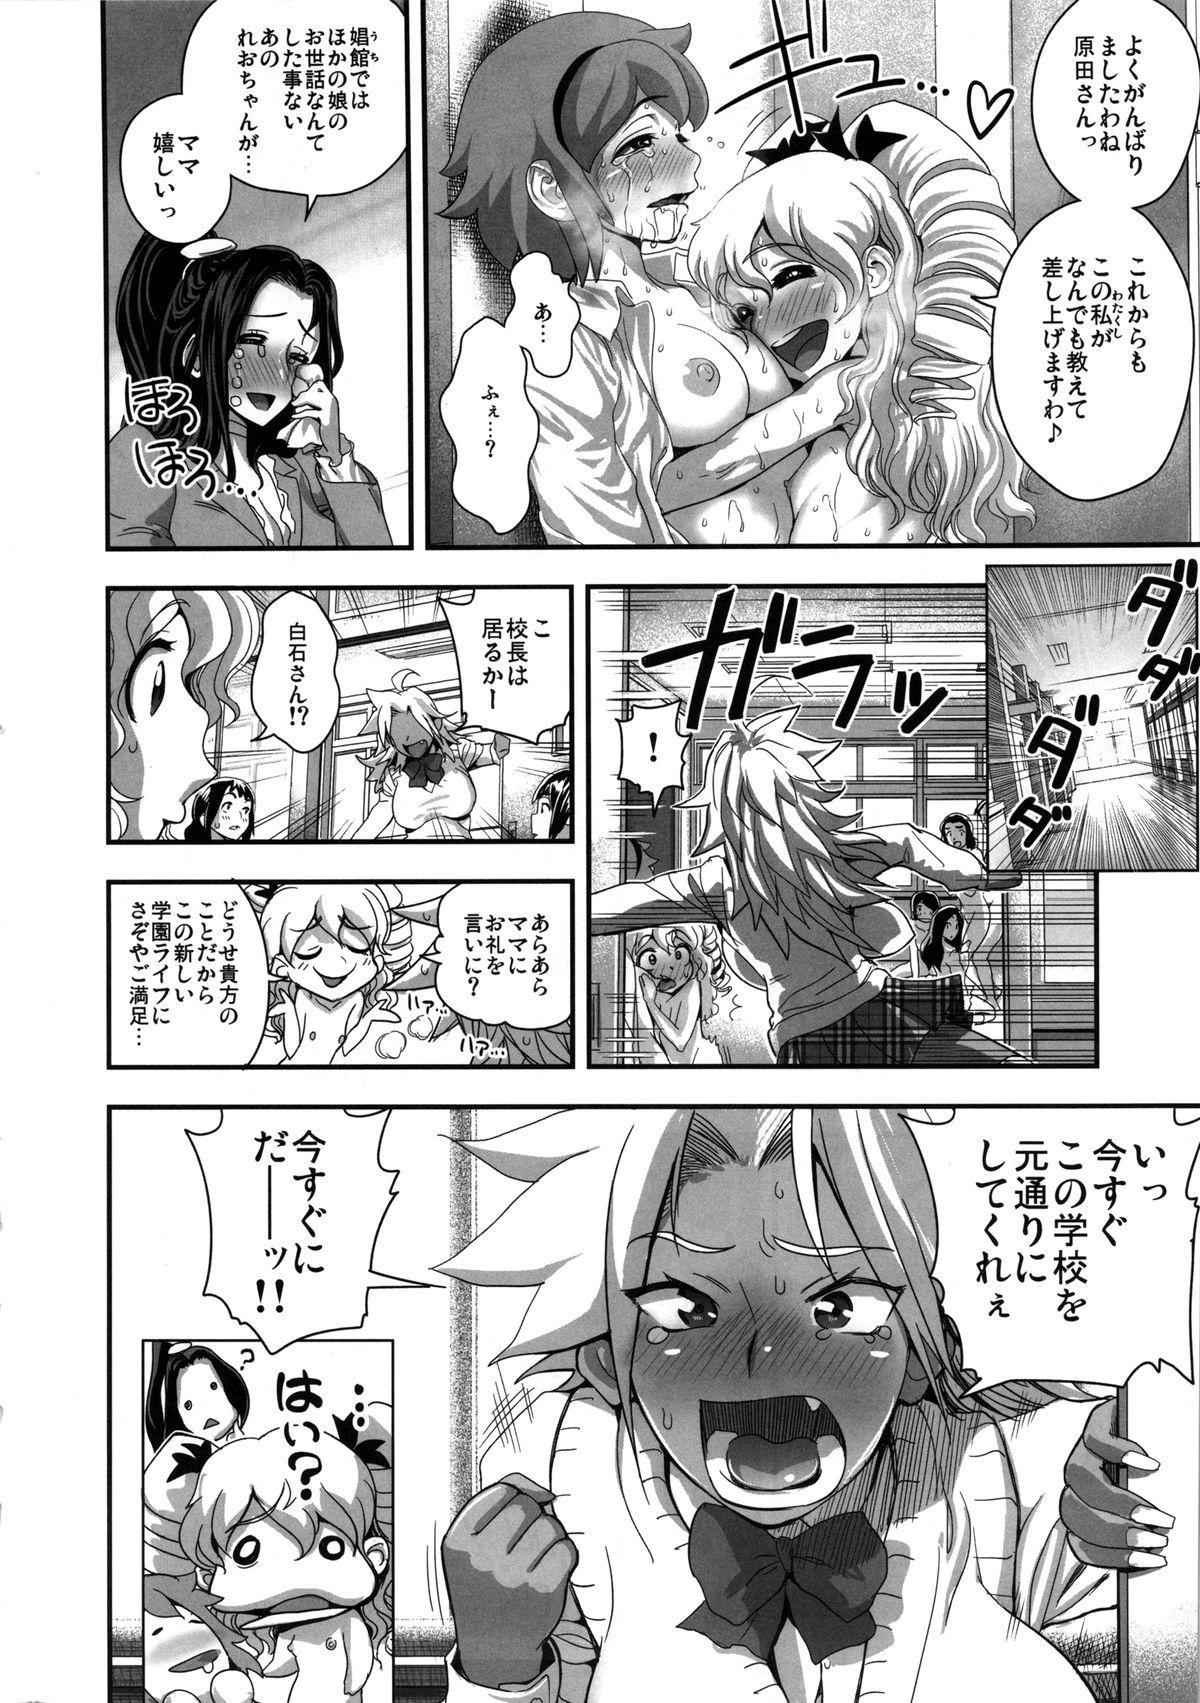 Energy Kyo-ka!! Soushuuhen 2 Manguri Hen 18